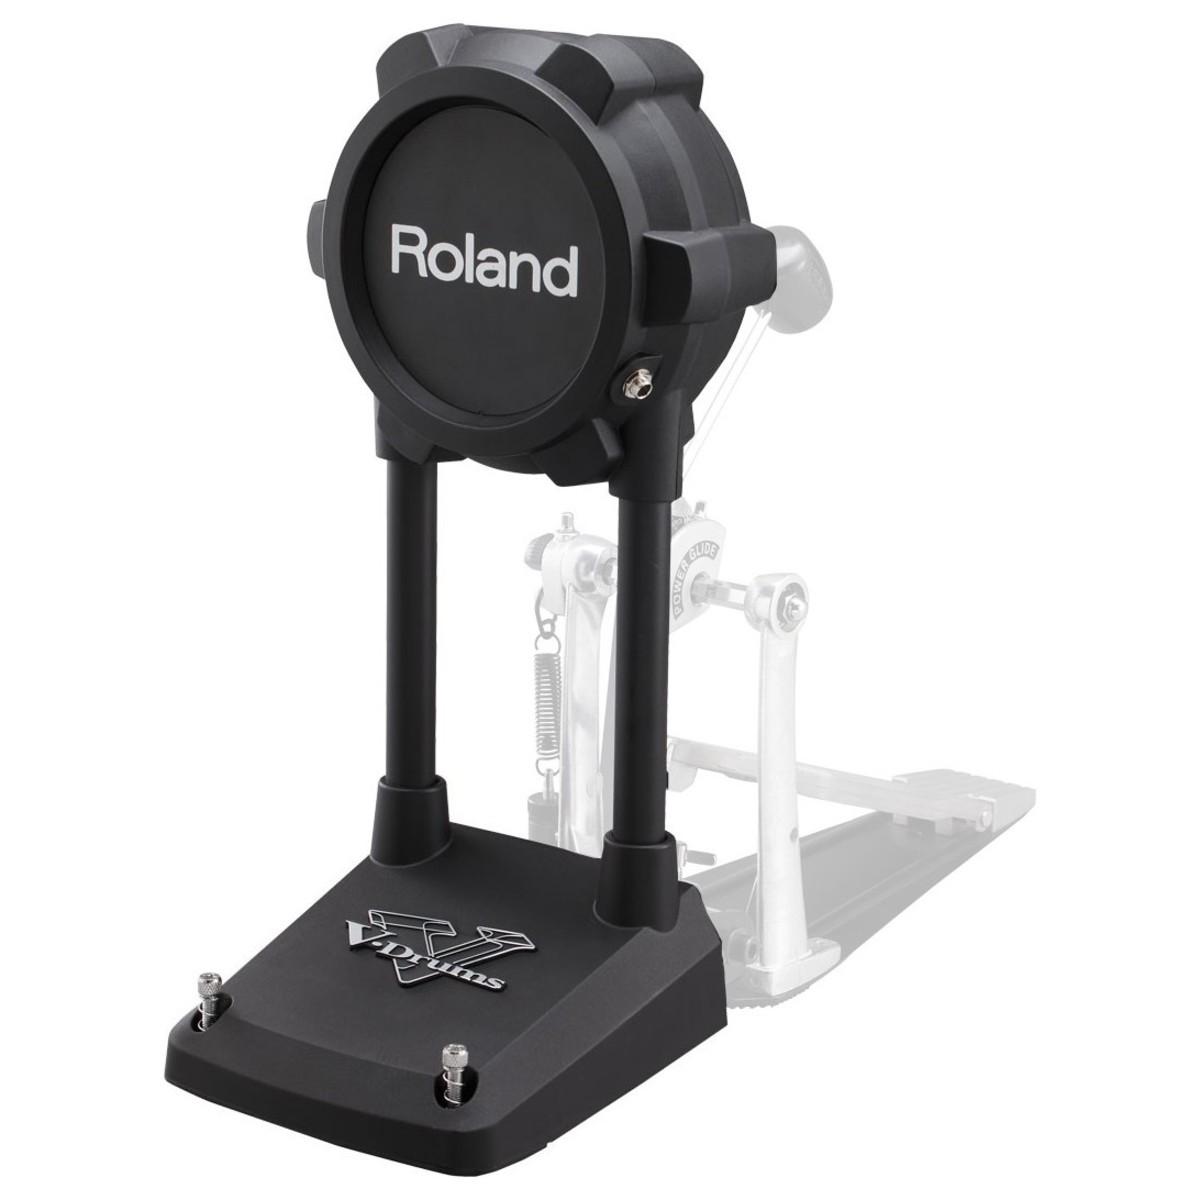 ROLAND KD9 1